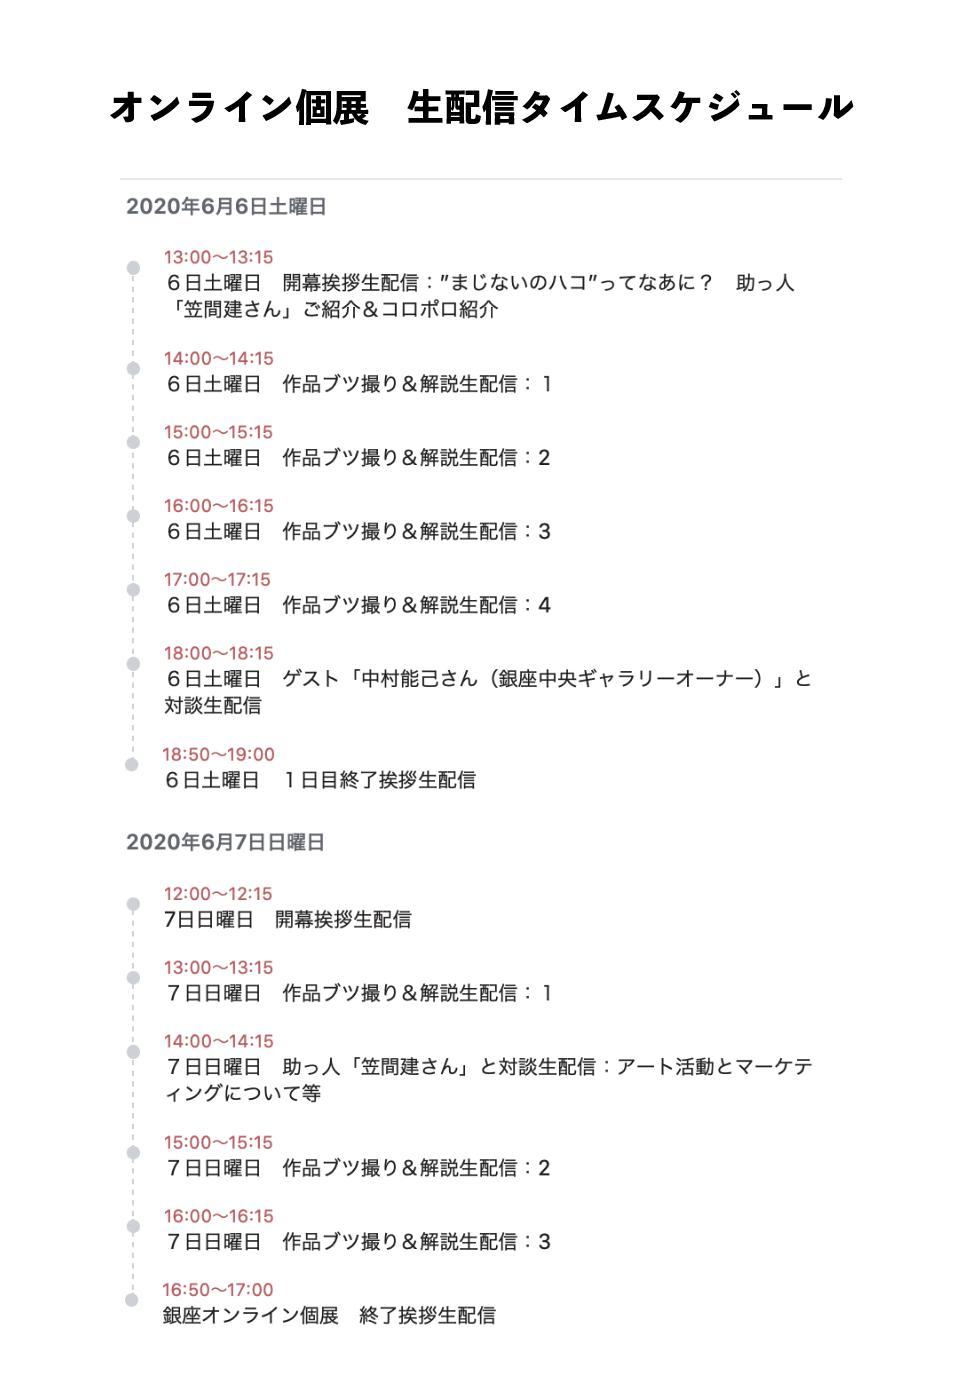 6/6-7銀座から生配信・オンライン個展開催_c0186460_08584274.png